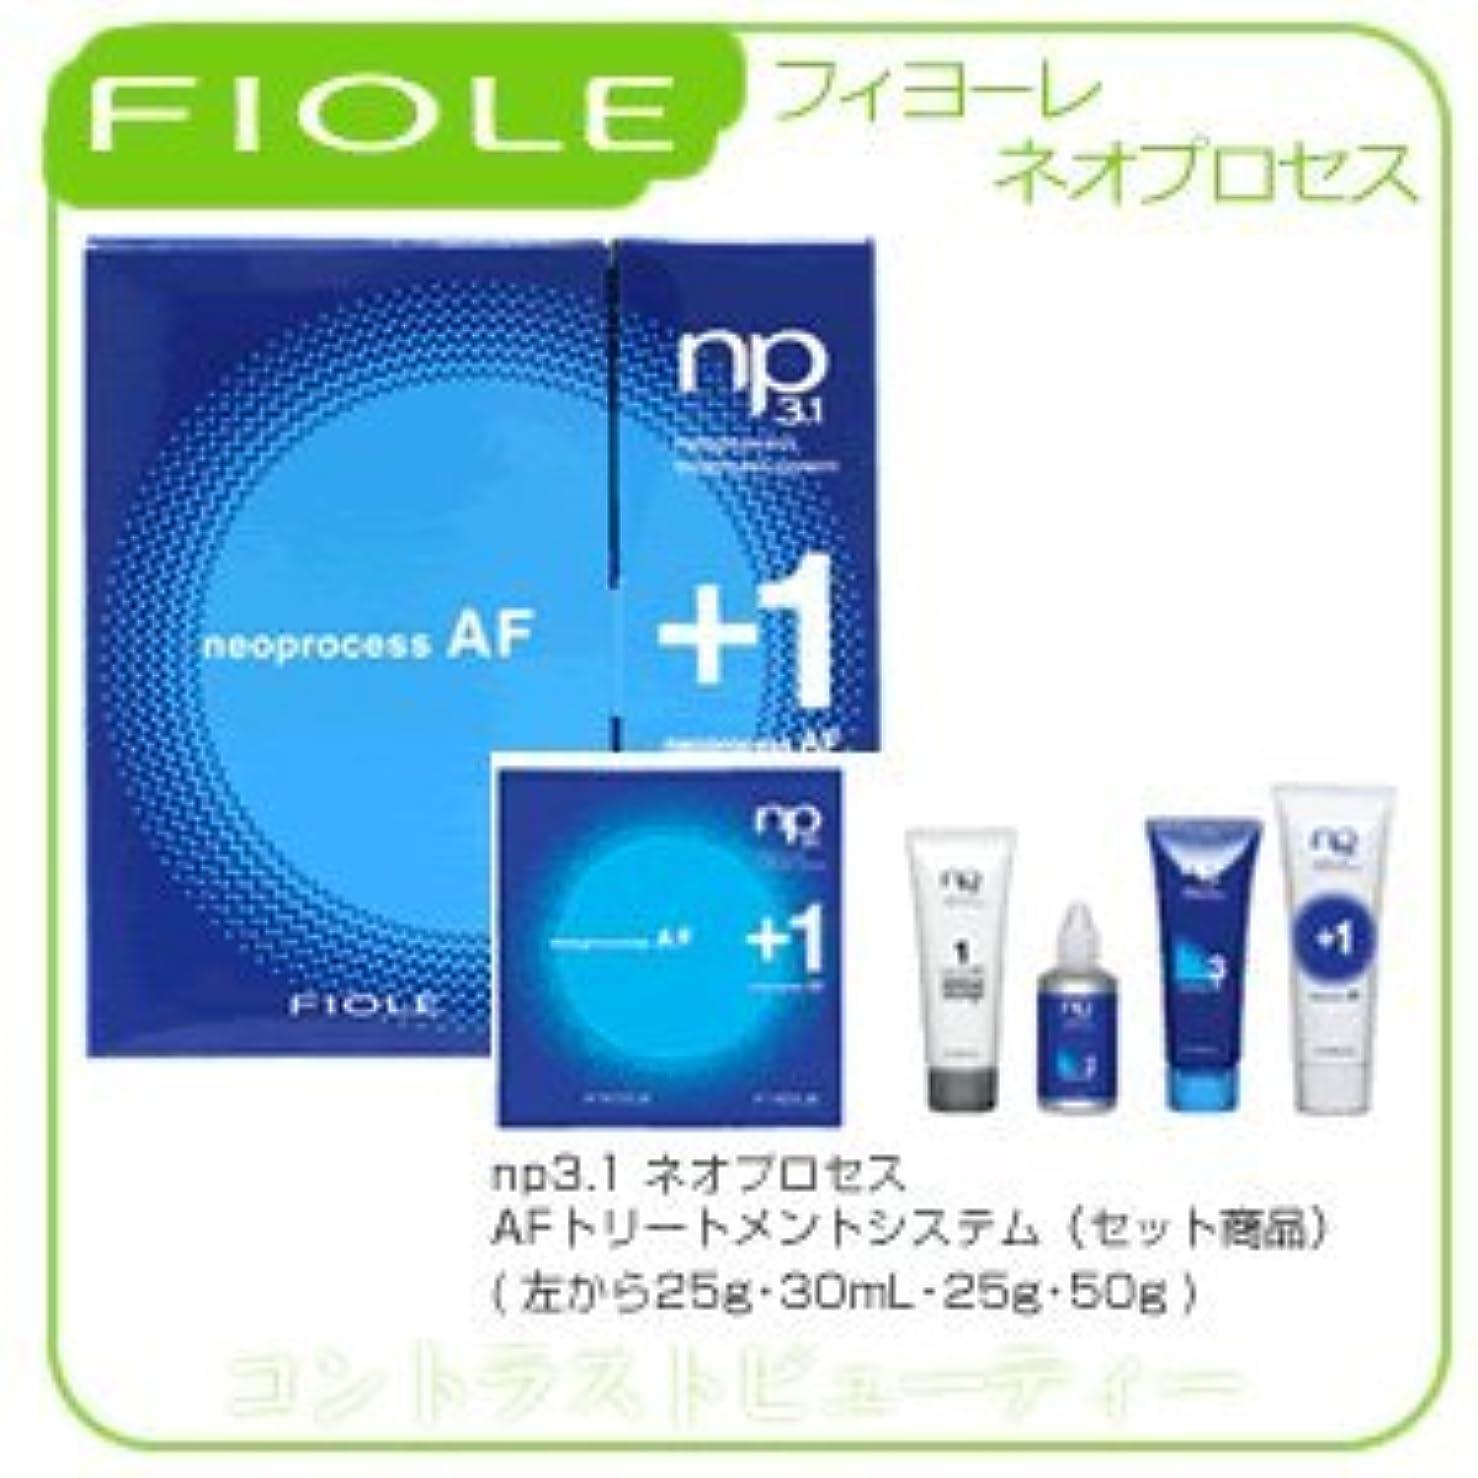 フィヨーレ NP3.1 ネオプロセス AF トリートメントシステム FIOLE ネオプロセス